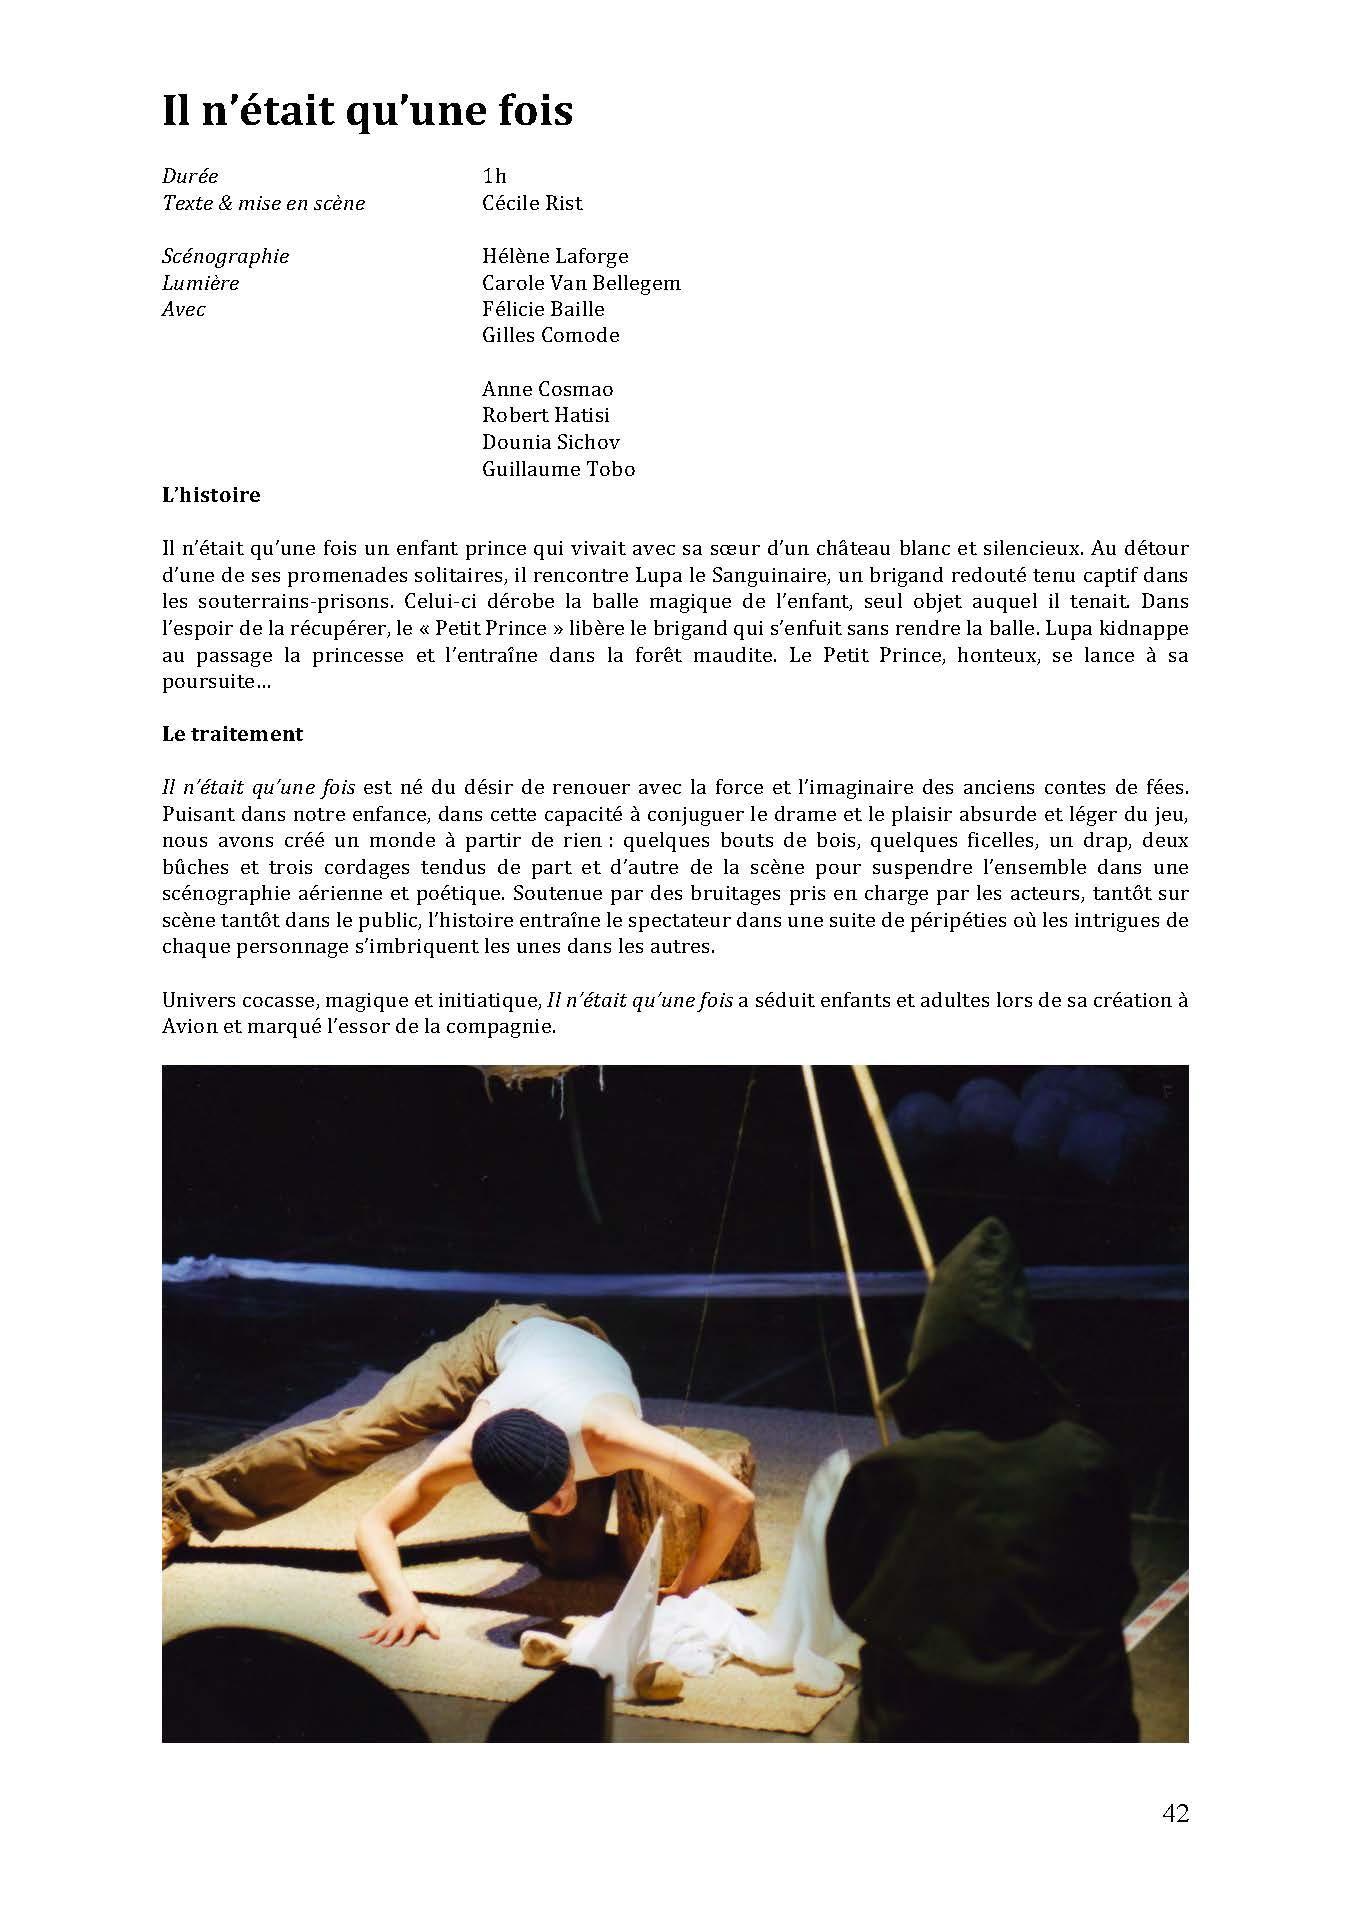 LA NUIT JUSTE AVANT LES FORÊTS - Revue de presse de BordCadre & Cécile Rist_Page_38